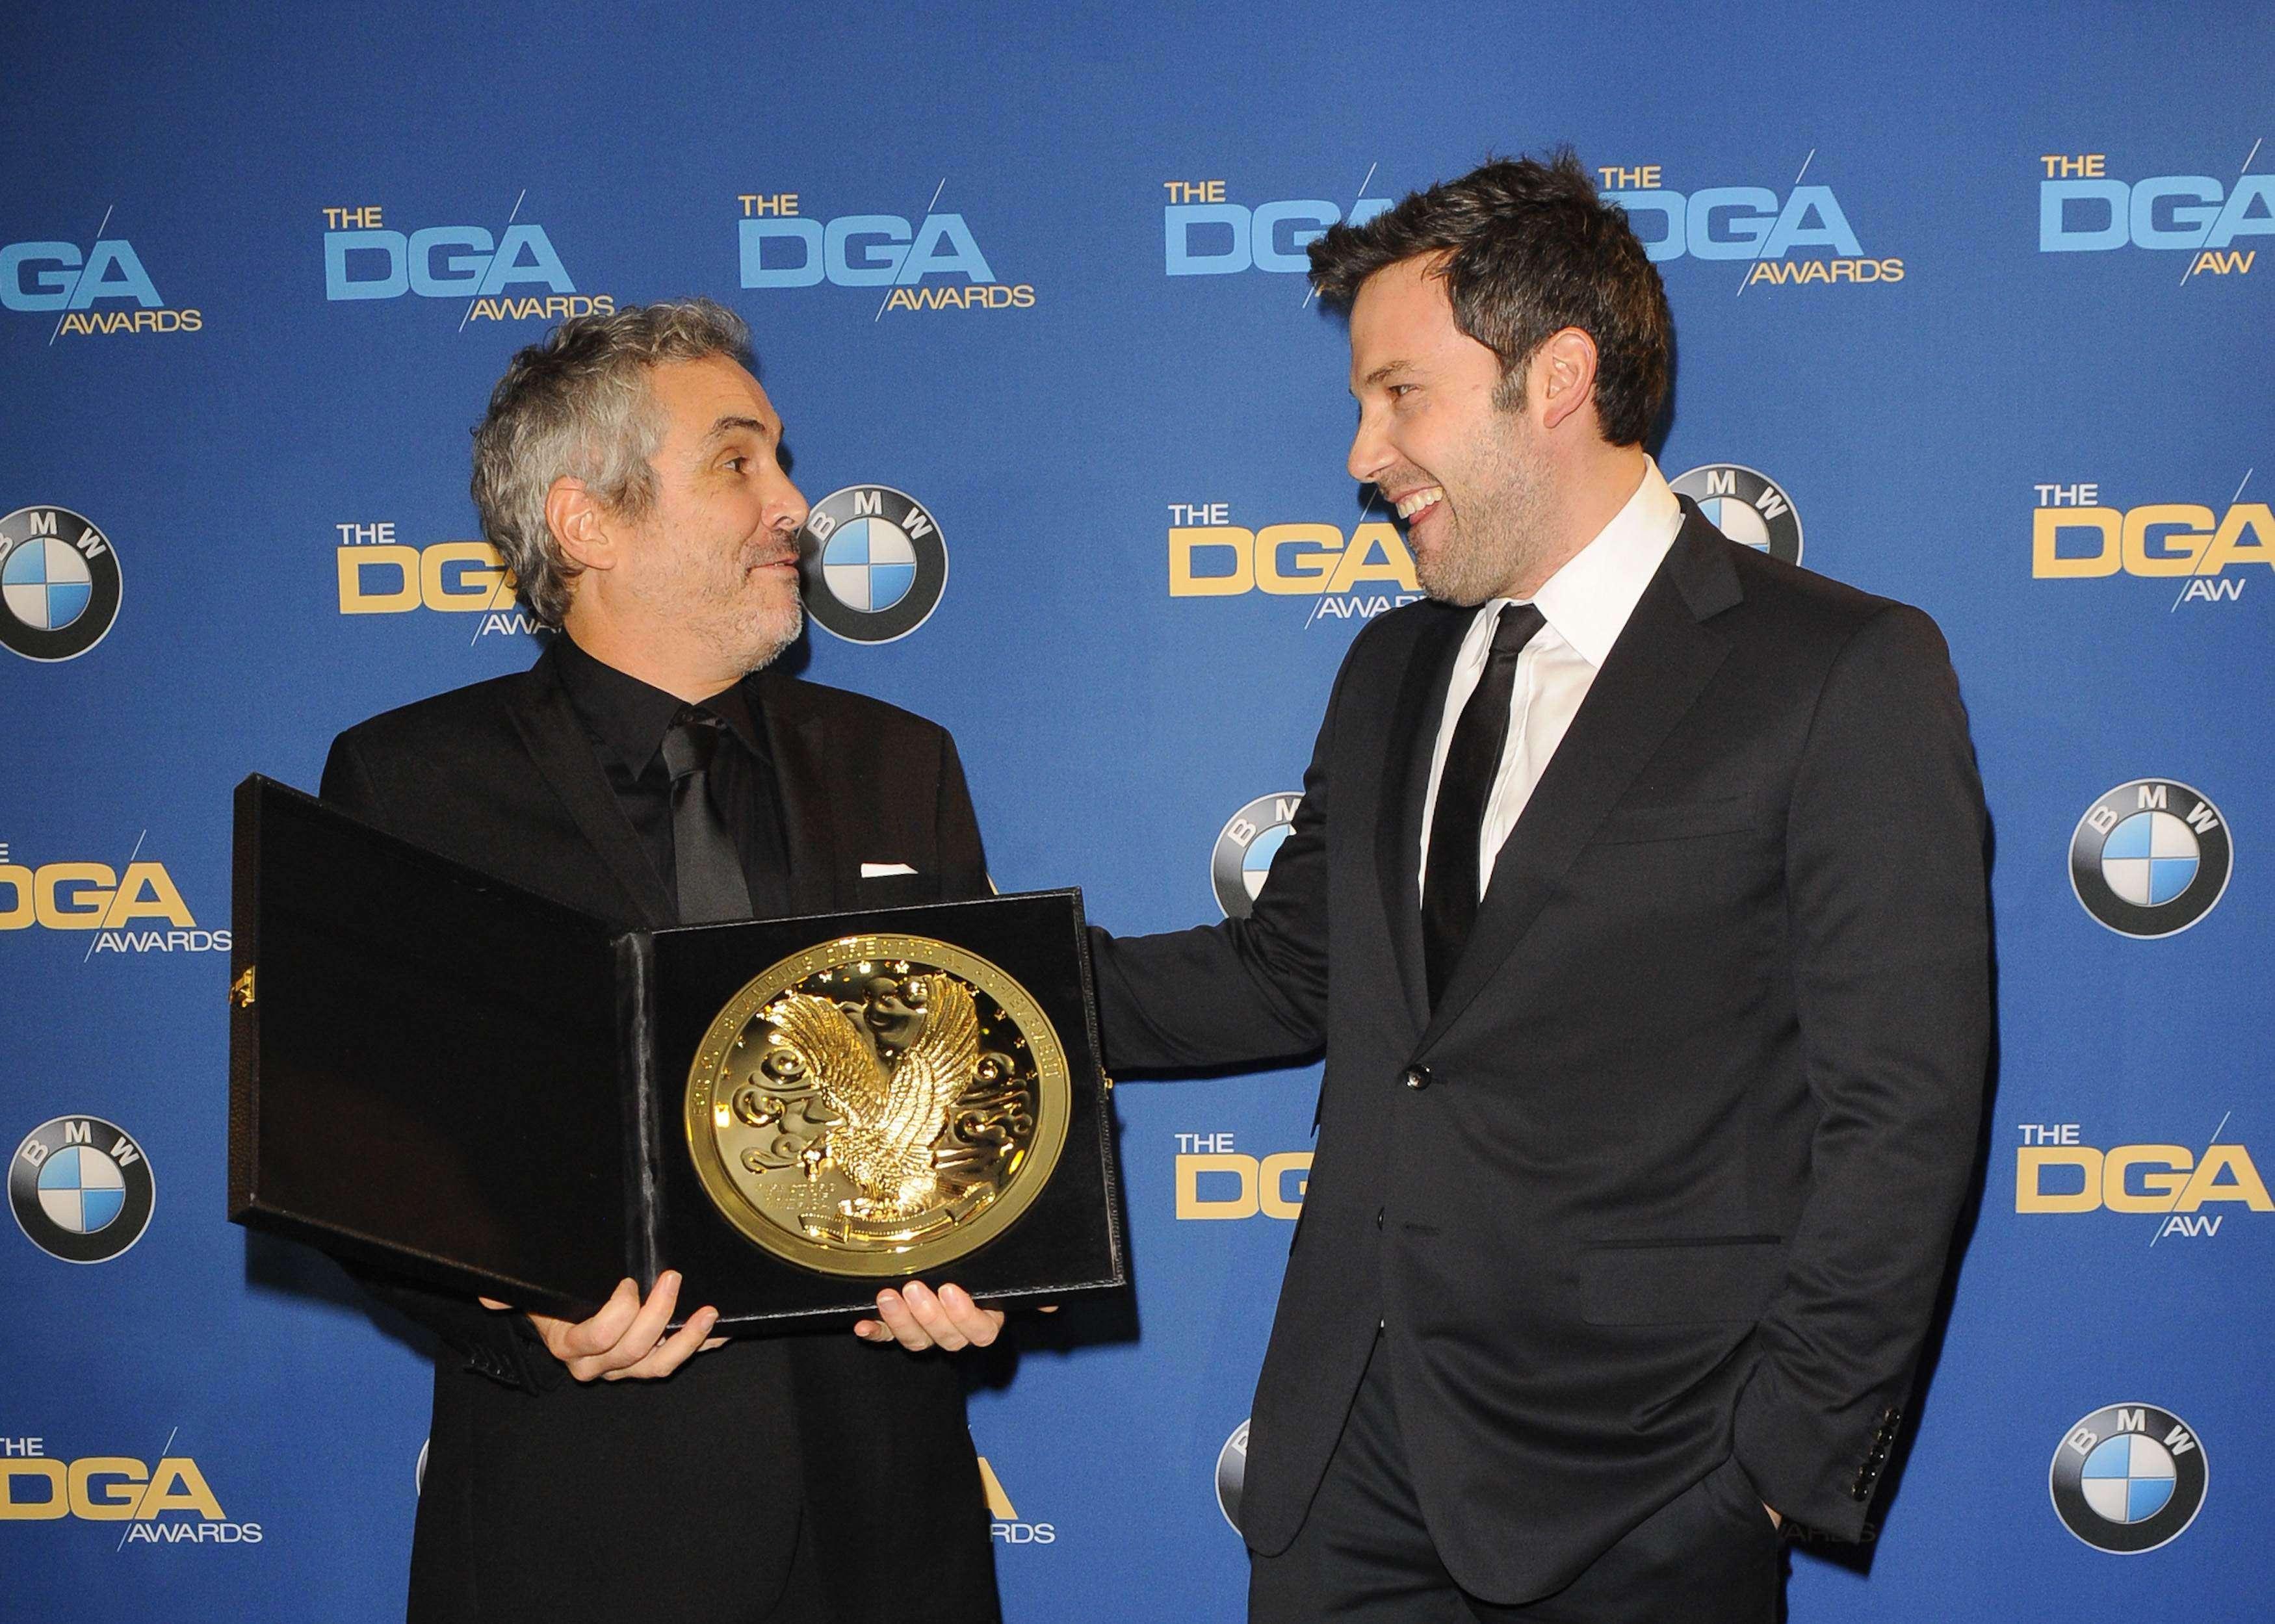 Diretor de 'Gravidade' ganha prêmio da DGA e se torna ...